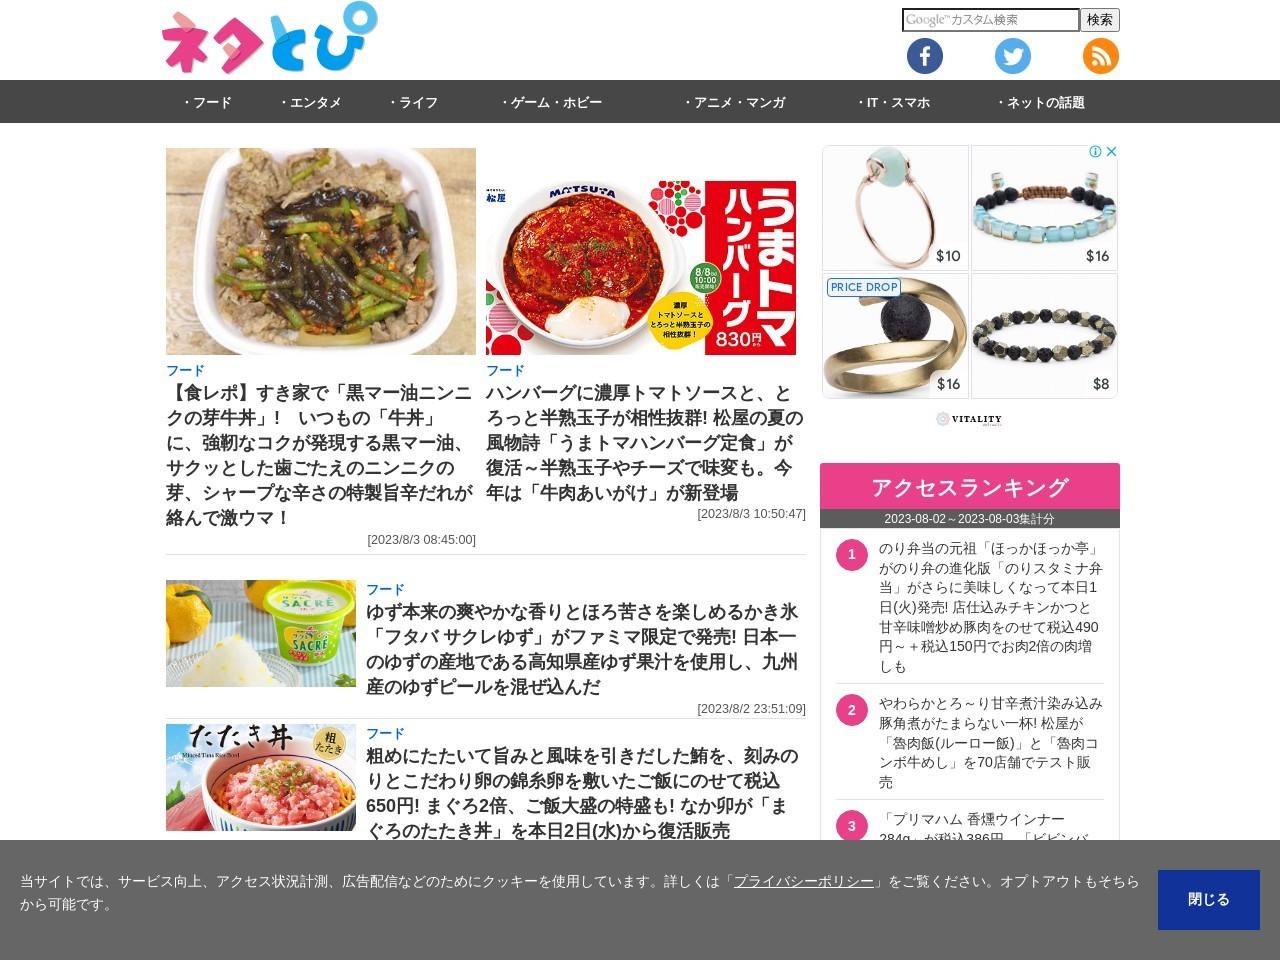 「最強にかわいい! 90年代アイドルランキング」発表! 3位は広末涼子、2位は安室奈美恵、1位は7月期 …